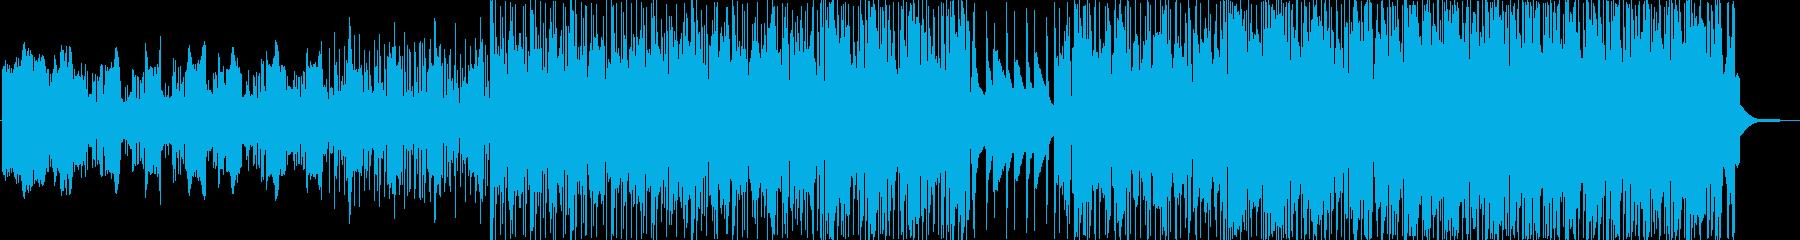 懐かしいオルガンサウンドと抑えめのビートの再生済みの波形